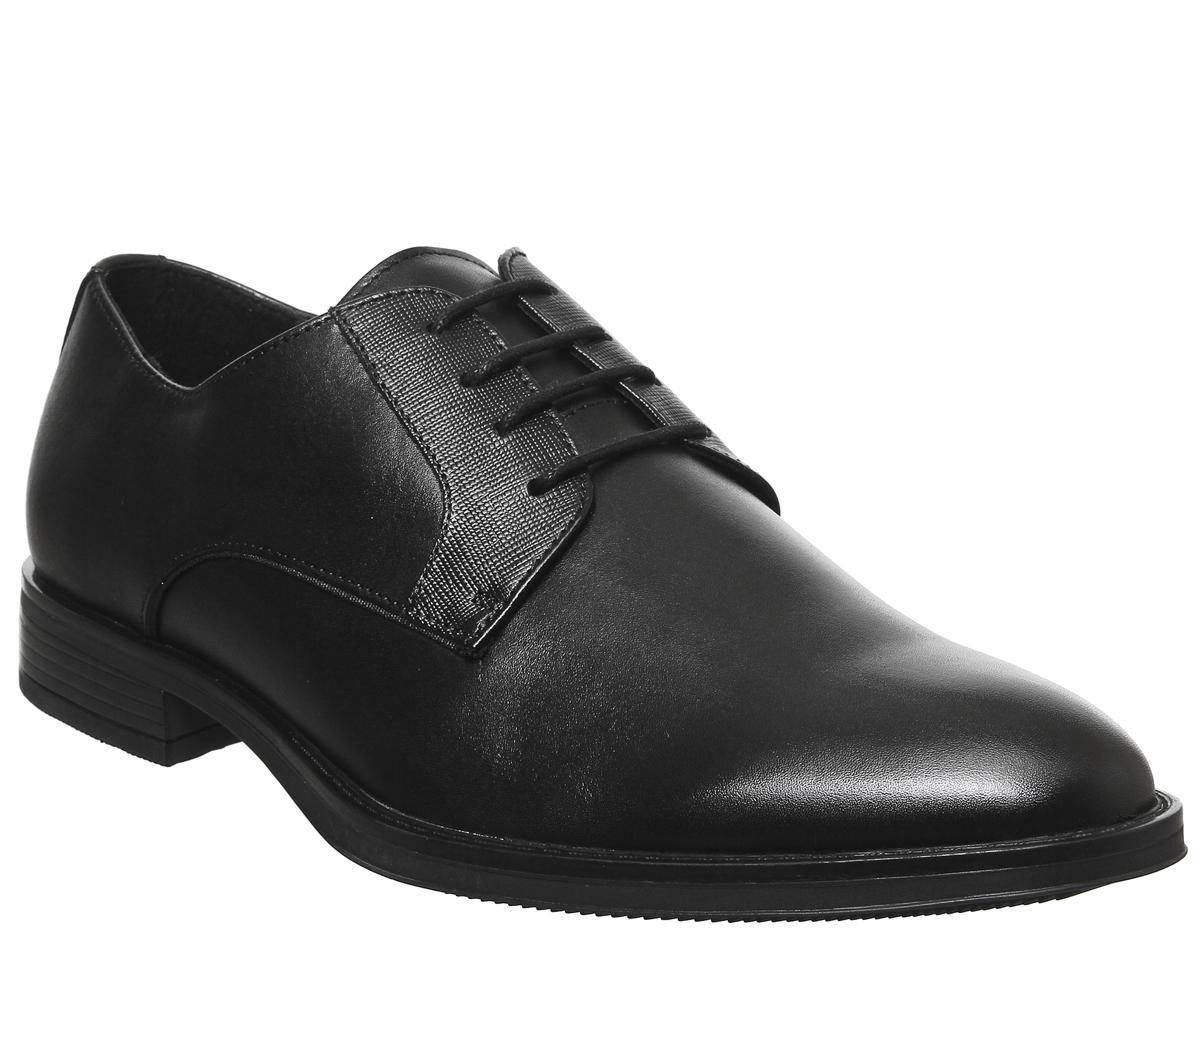 Marker Gibson Smart Shoe